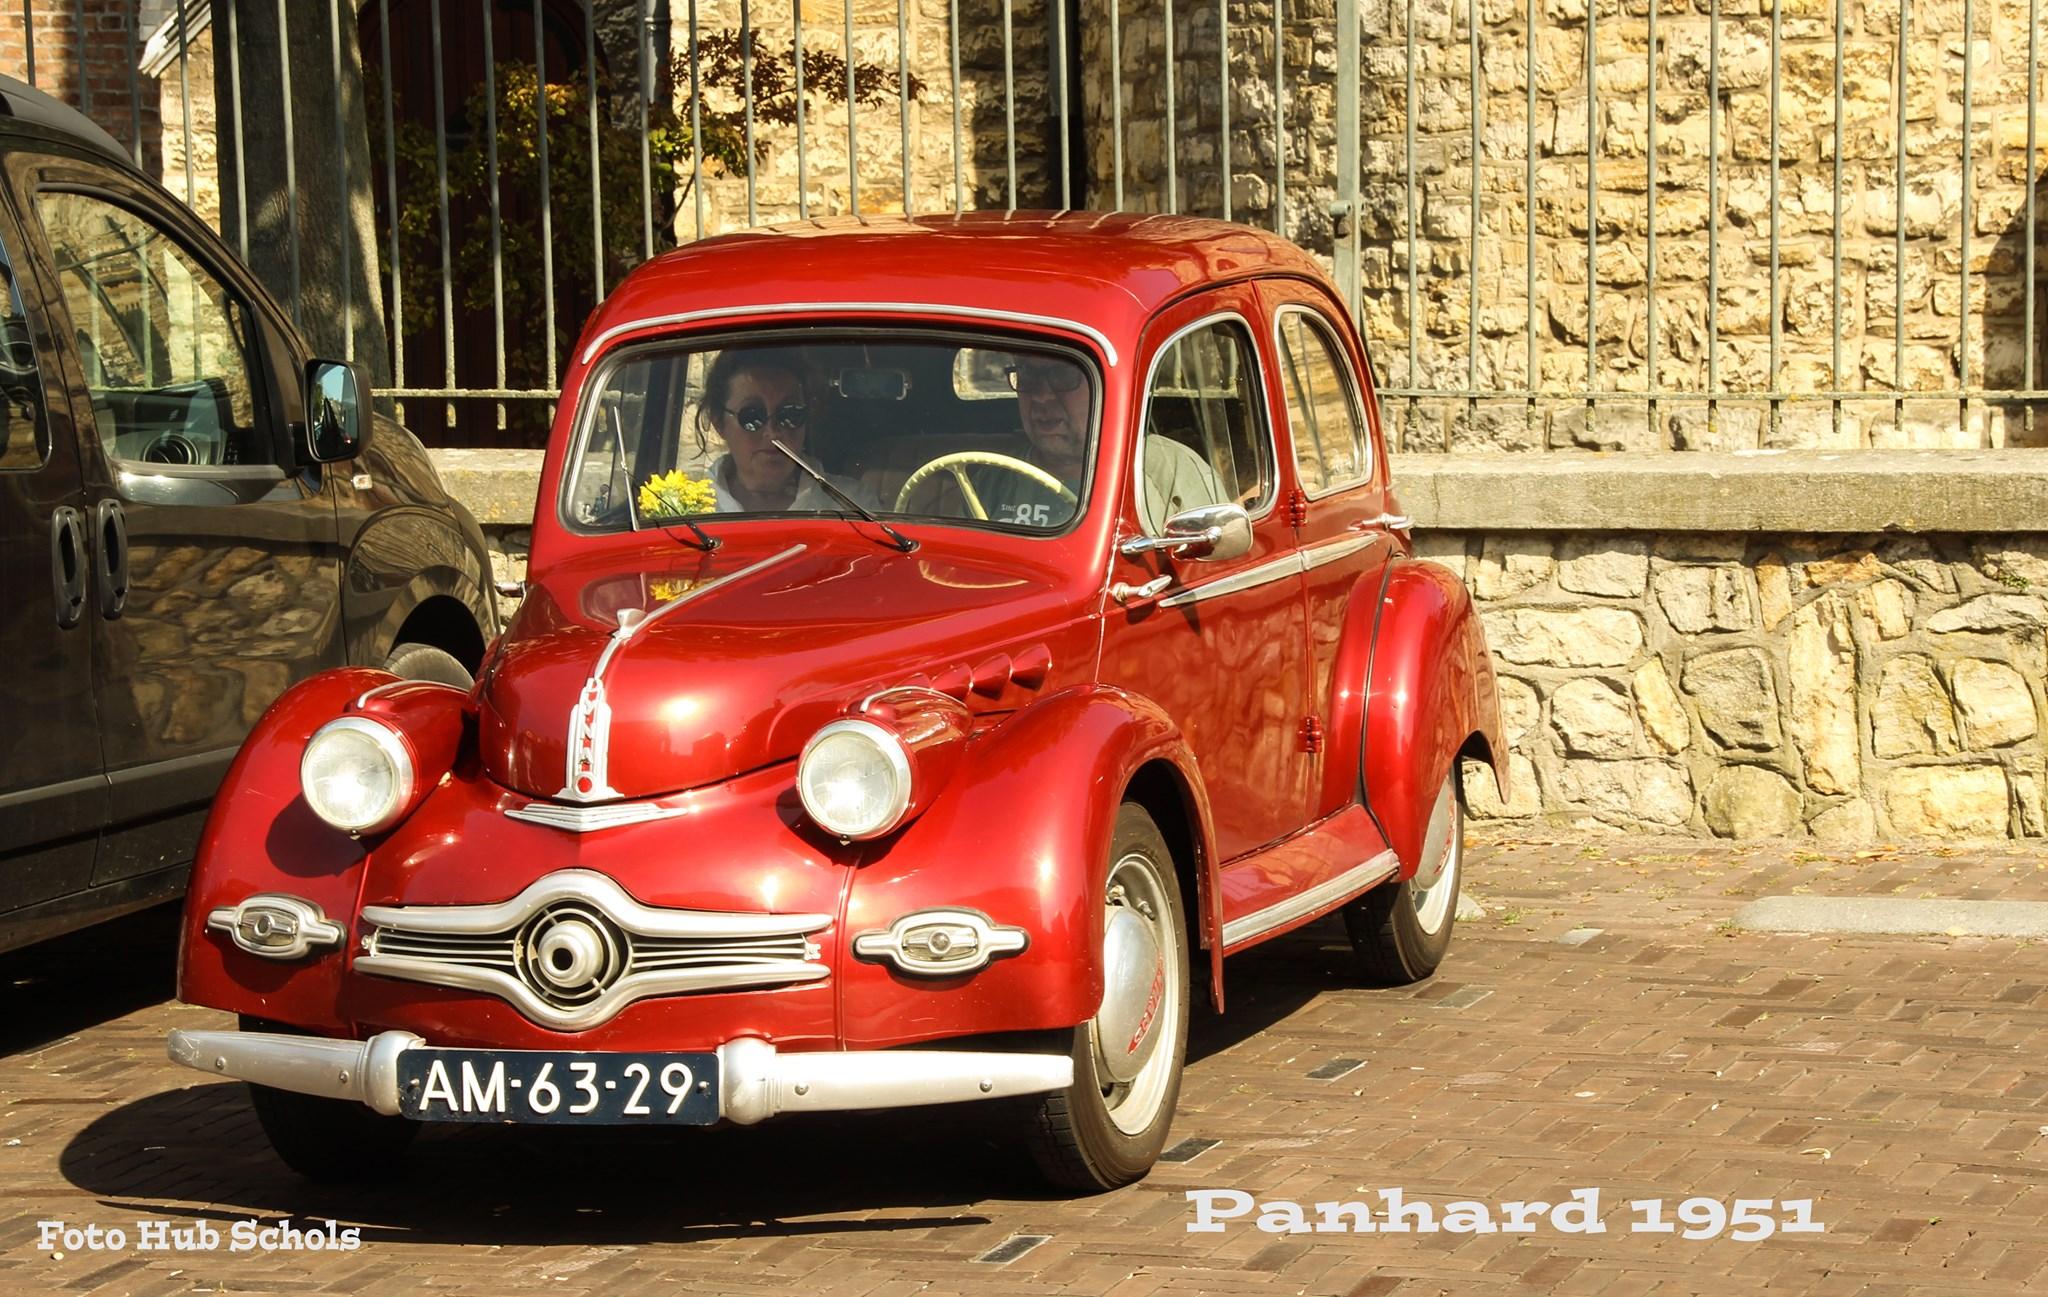 Pamhard-1951-Complete-aluminium-carrosserie